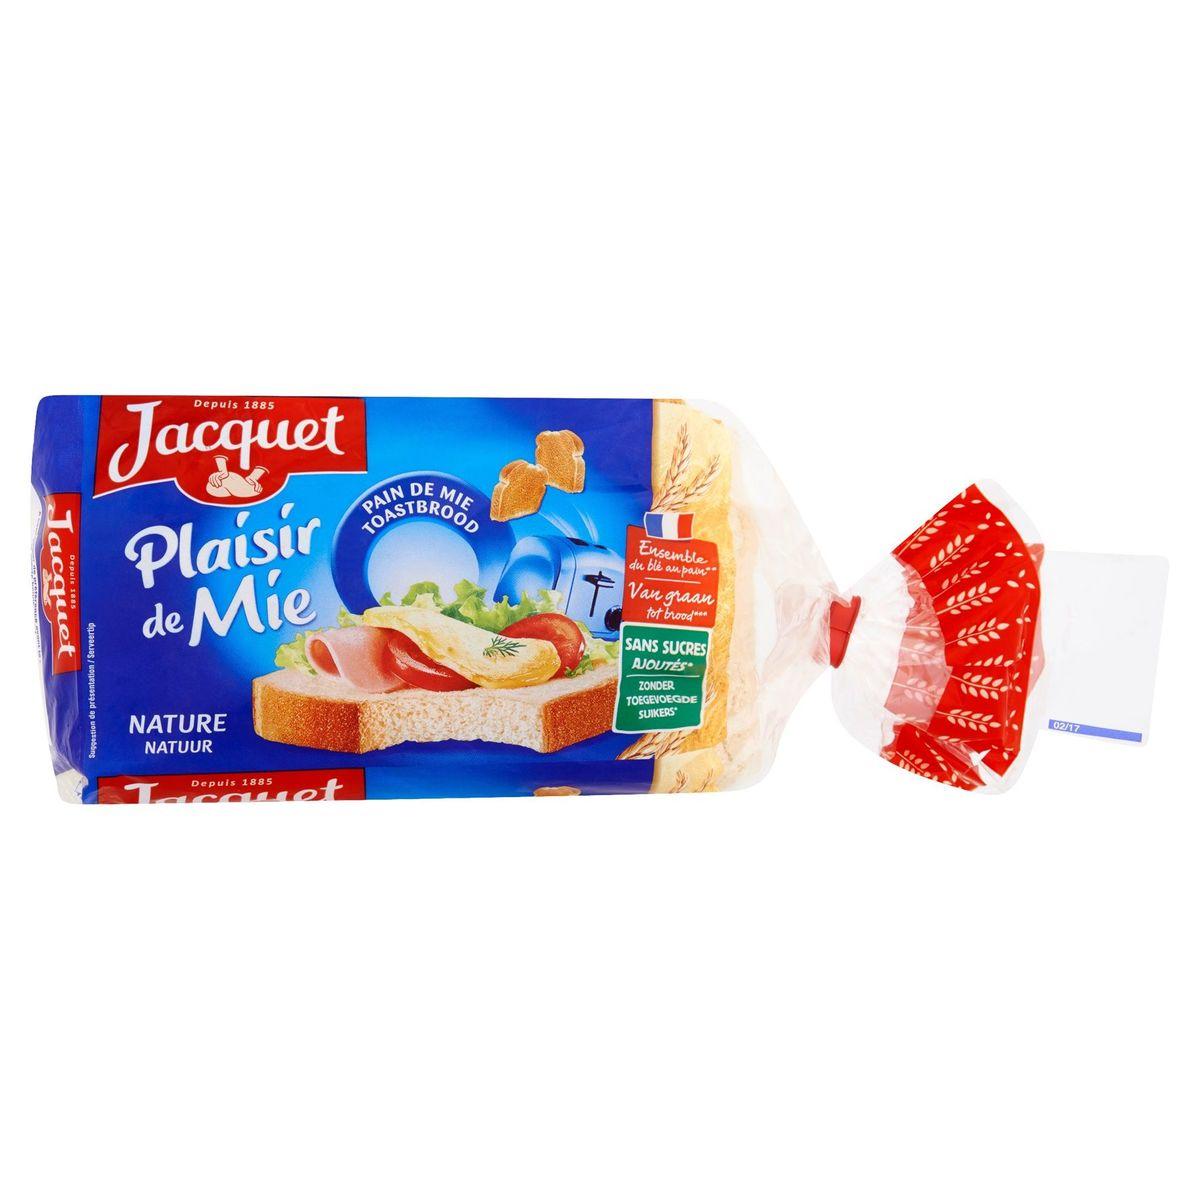 Jacquet Plaisir de Mie Nature 15 Pièces 280 g